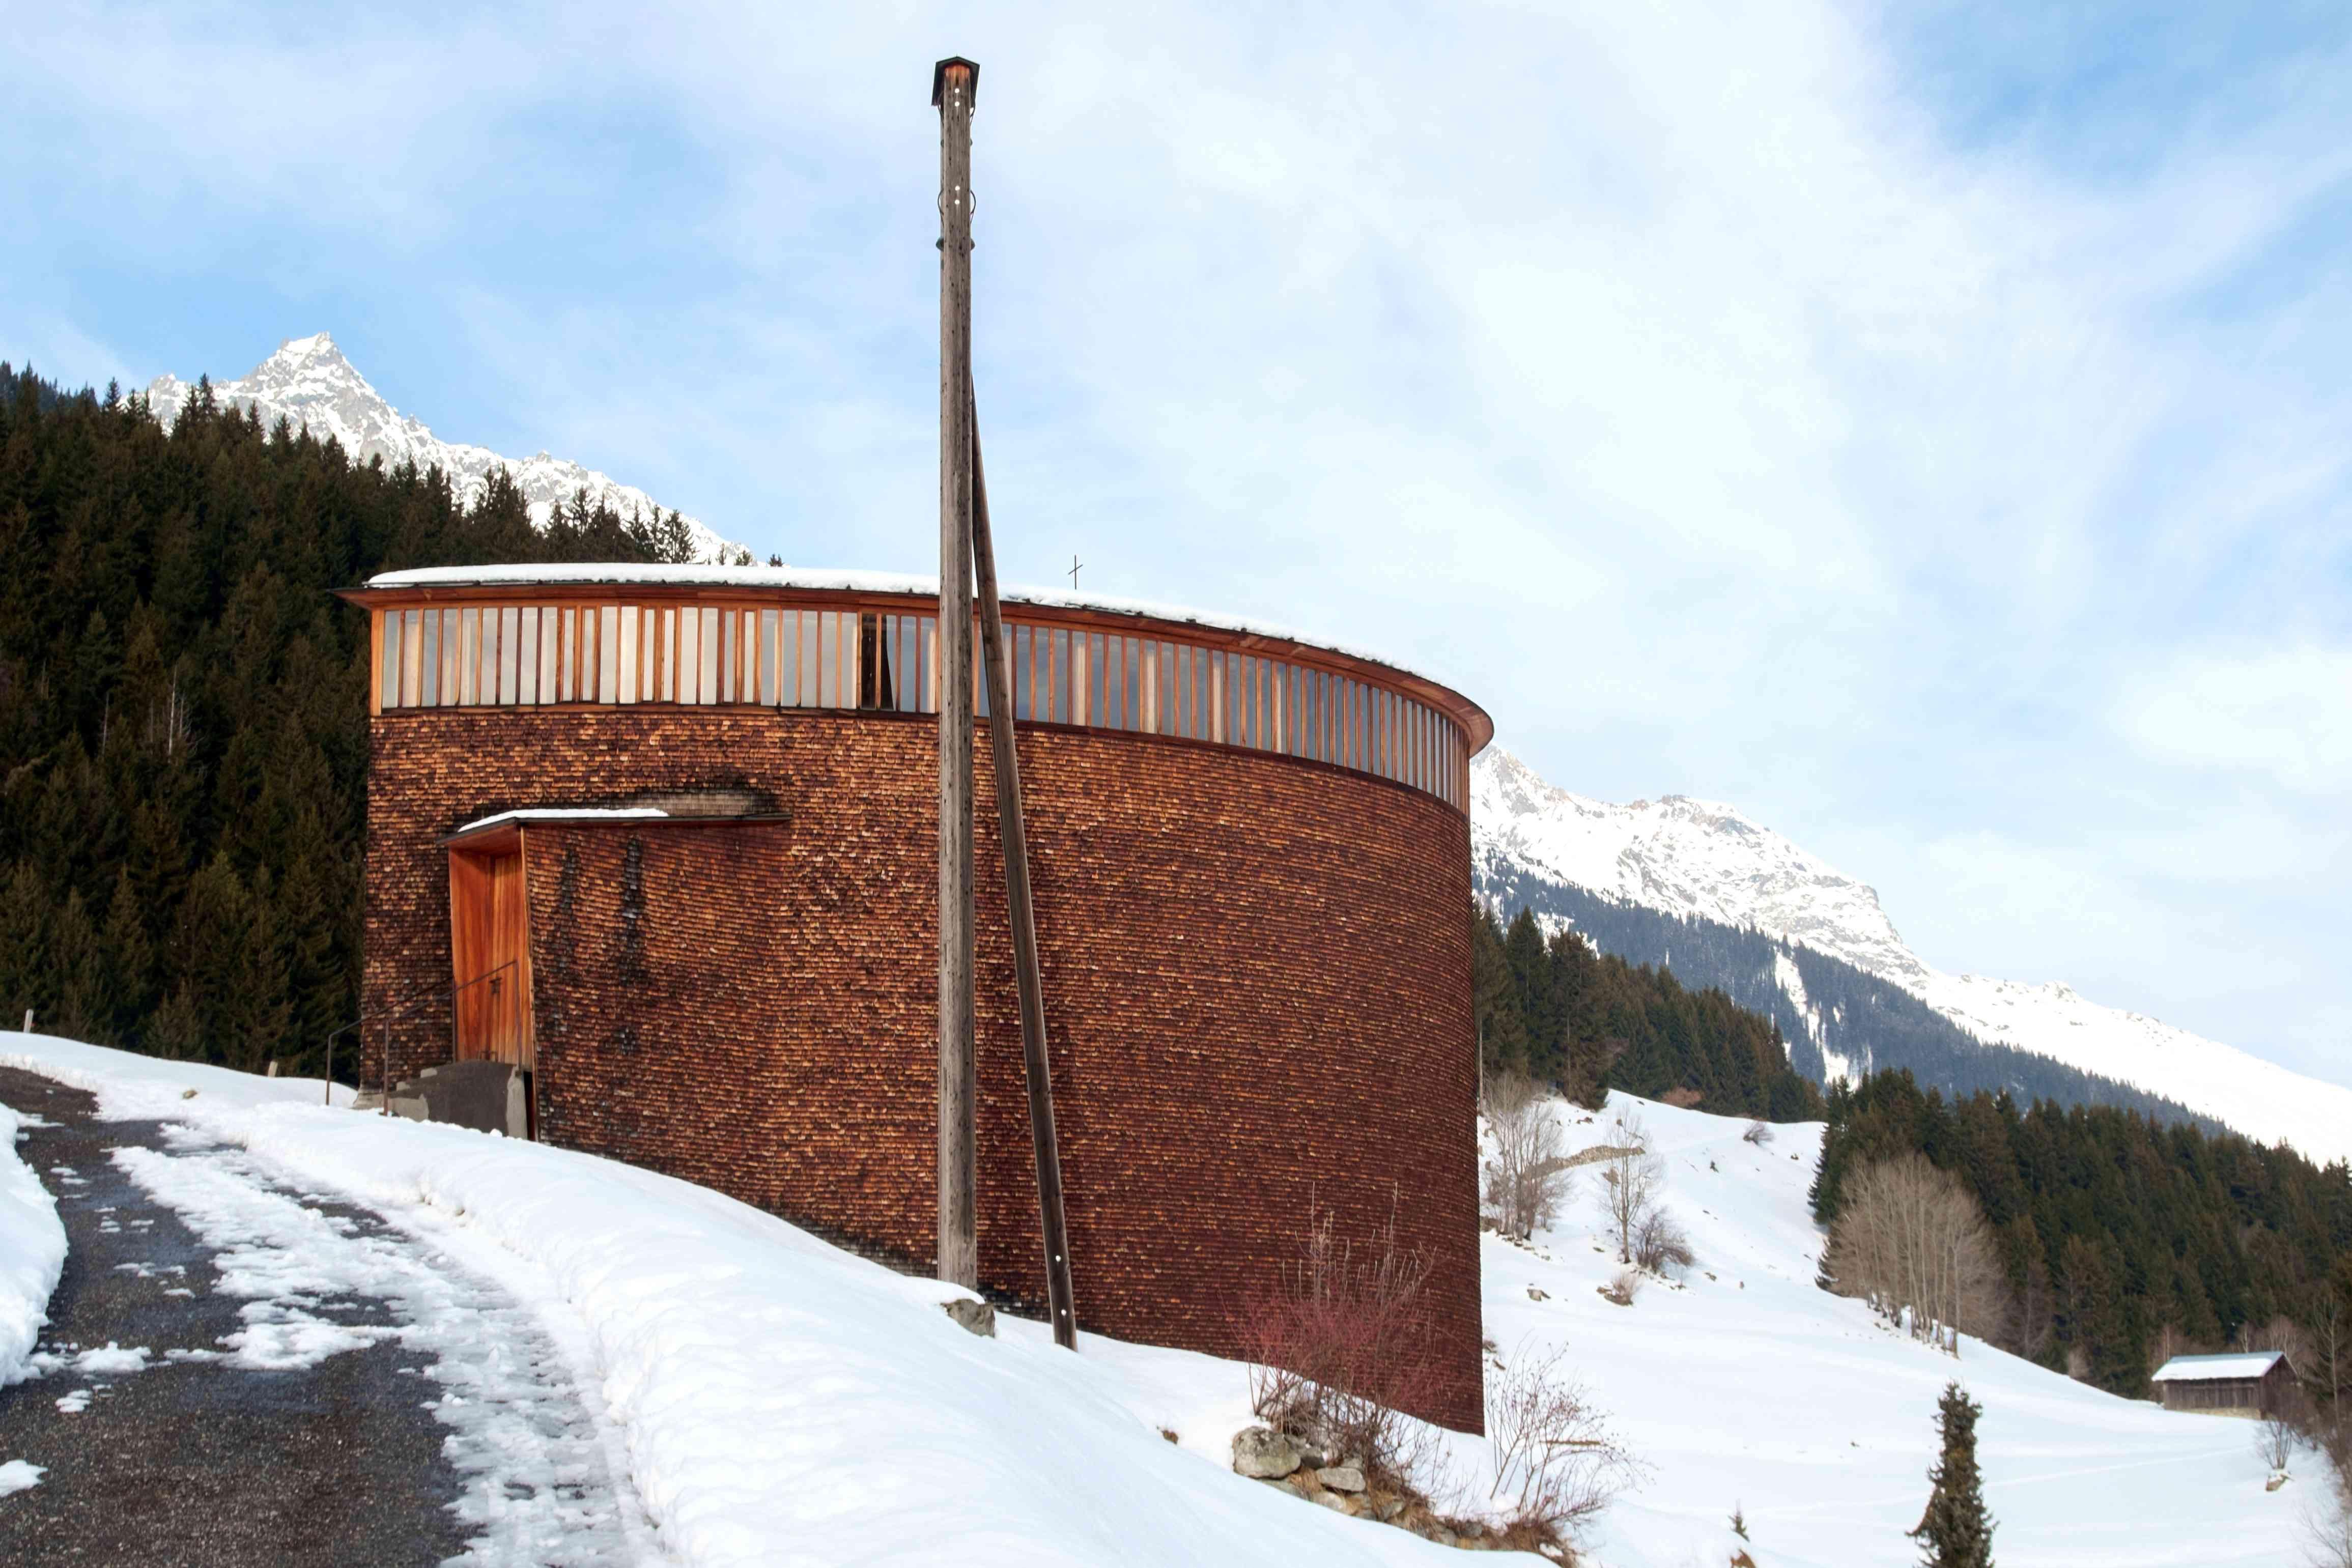 Capilla de San Benito de Zumthor en Sumvitg, una pequeña aldea en Grigon, Suiza